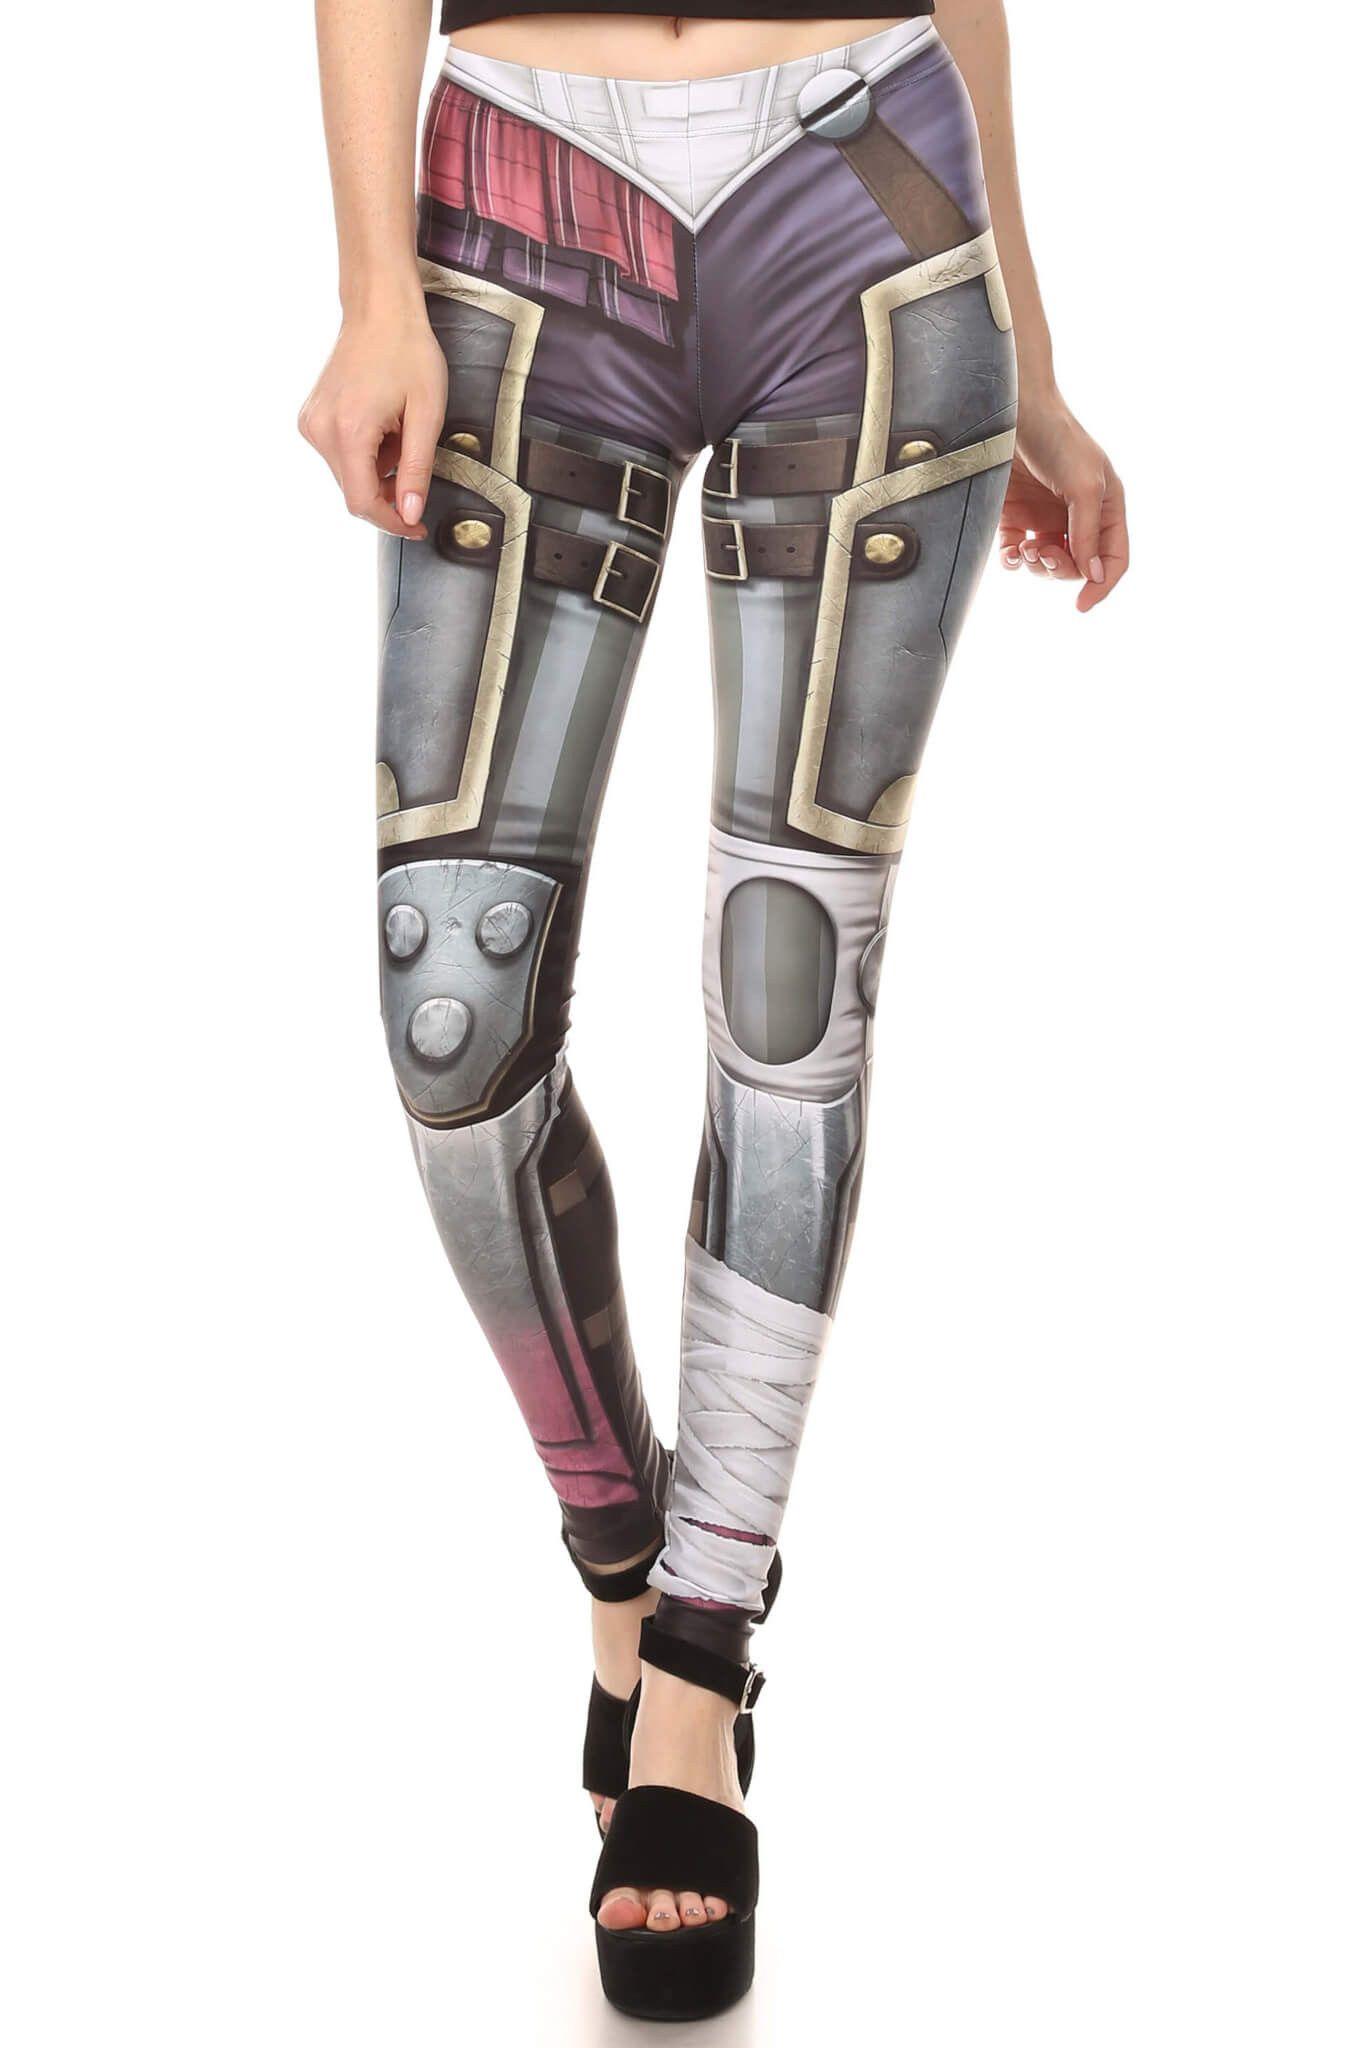 95e7475f6950d Mechanica Leggings | POPRAGEOUS | Pinterest | Leggings, Workout ...